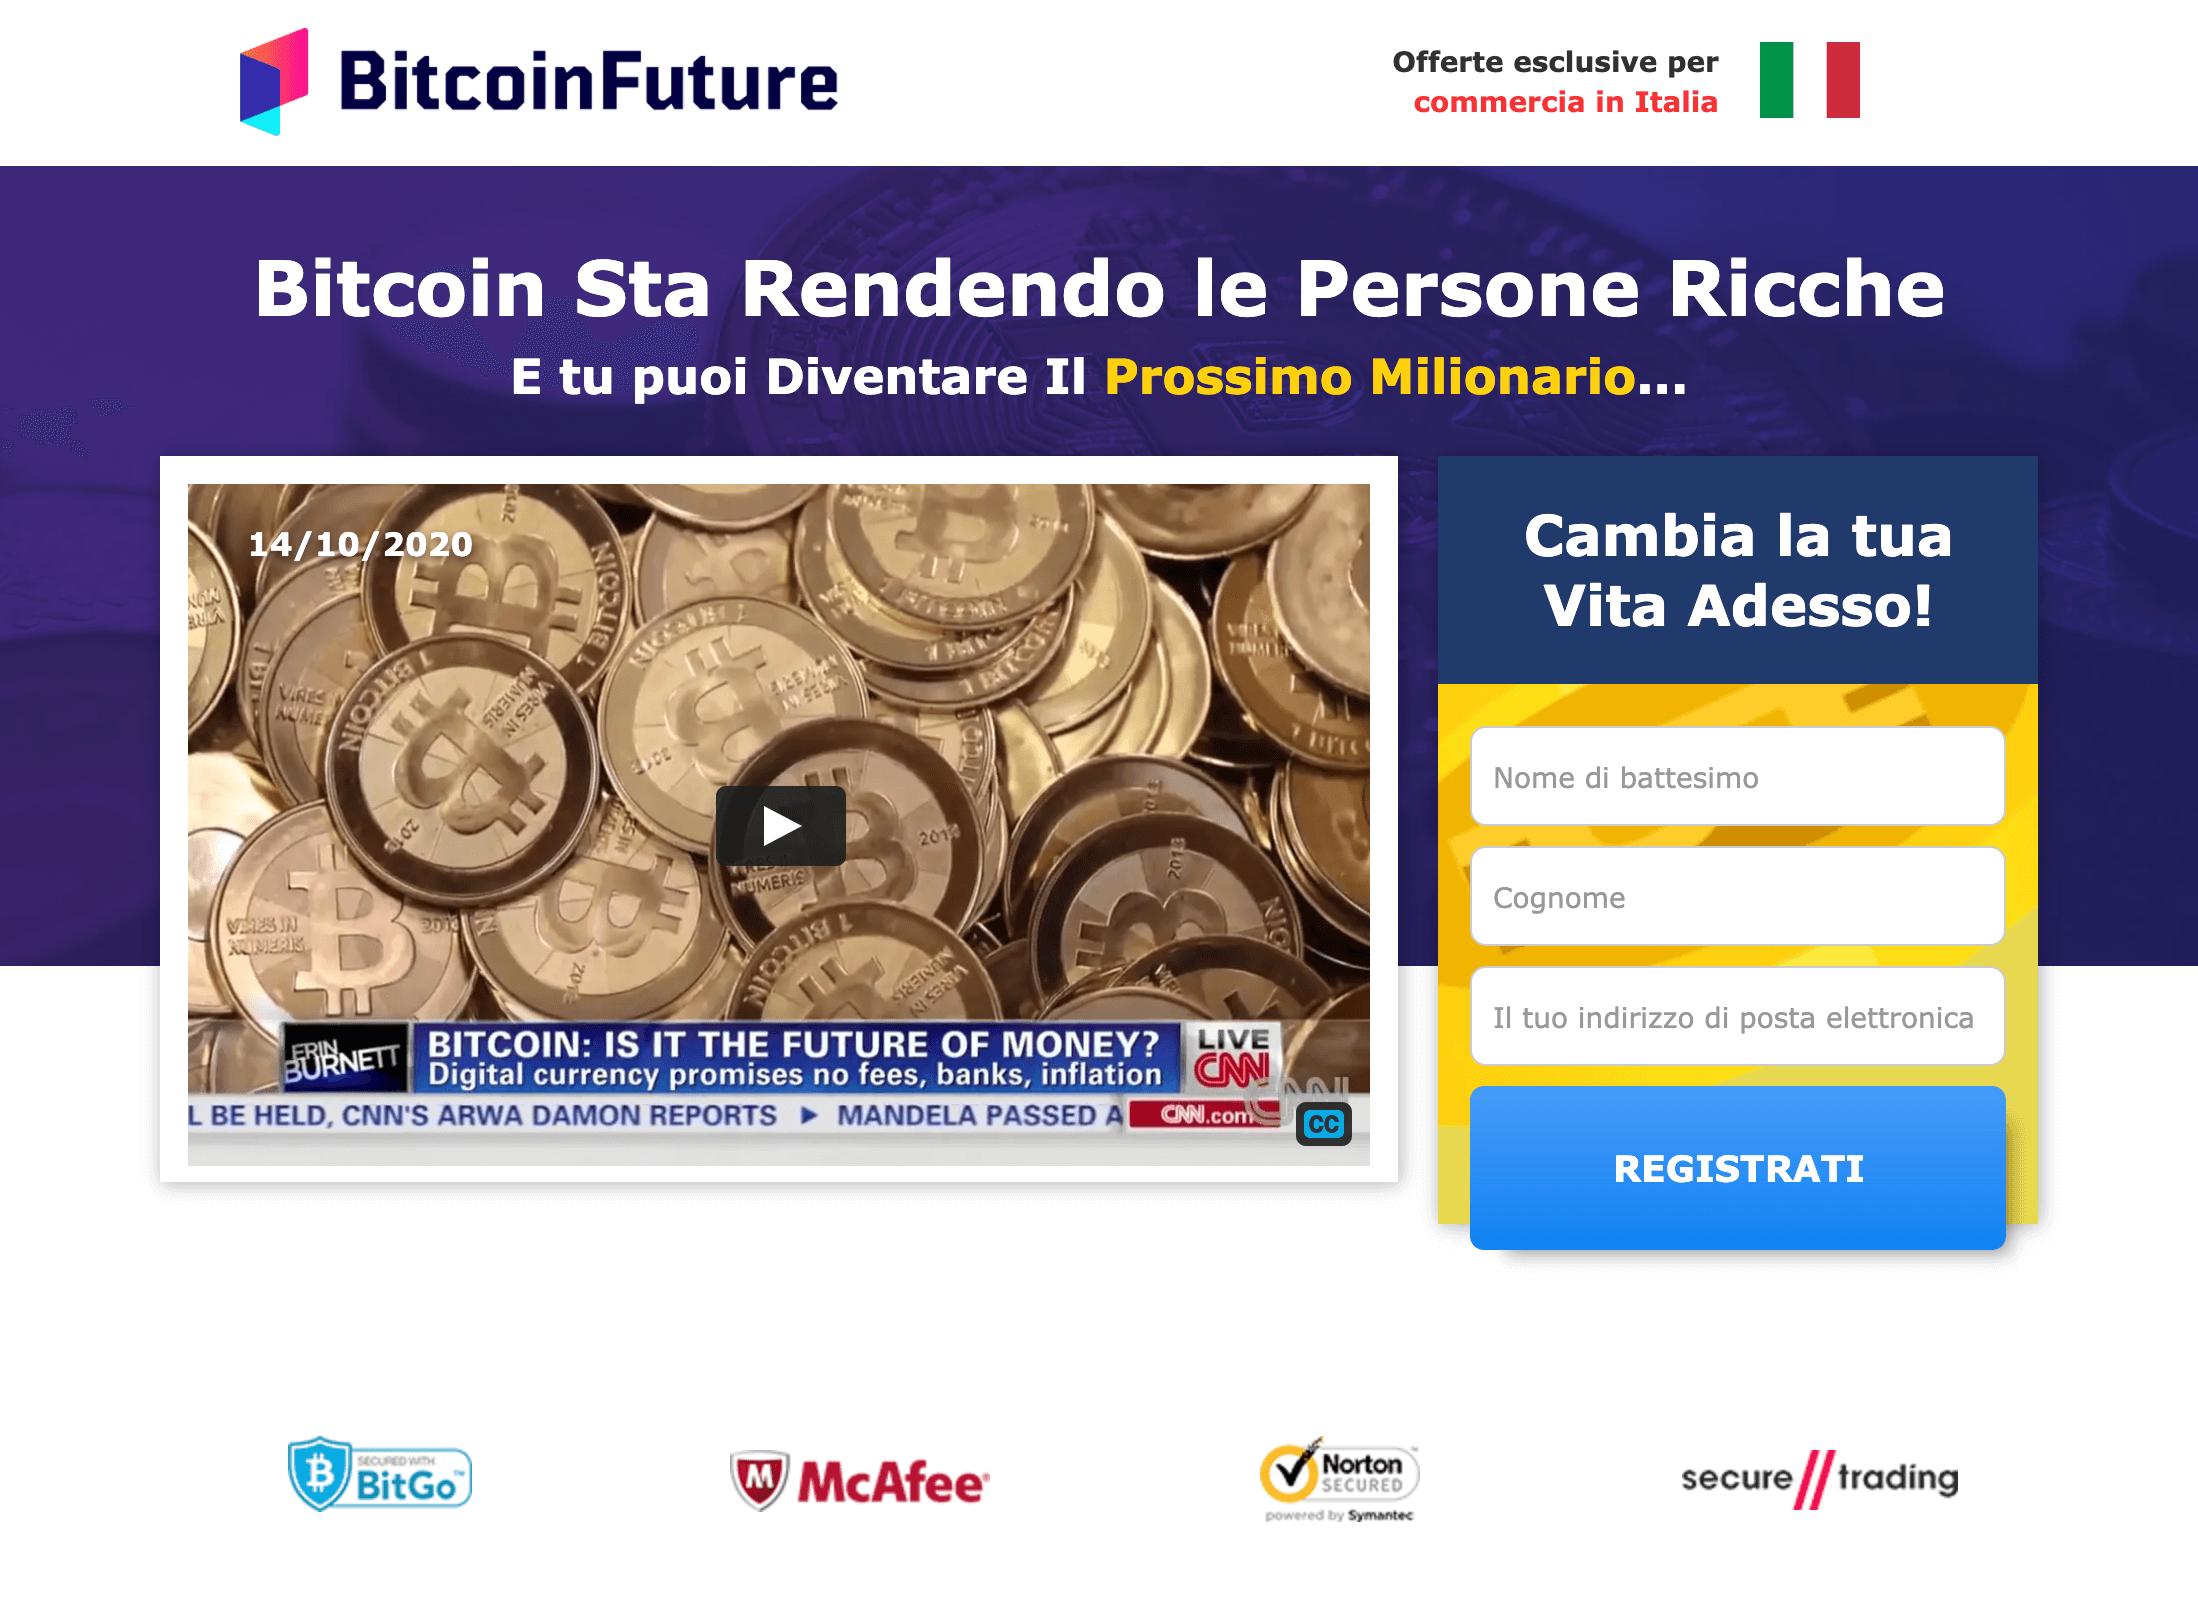 minimo puoi scambiare futures su bitcoin steem crypto è un buon investimento